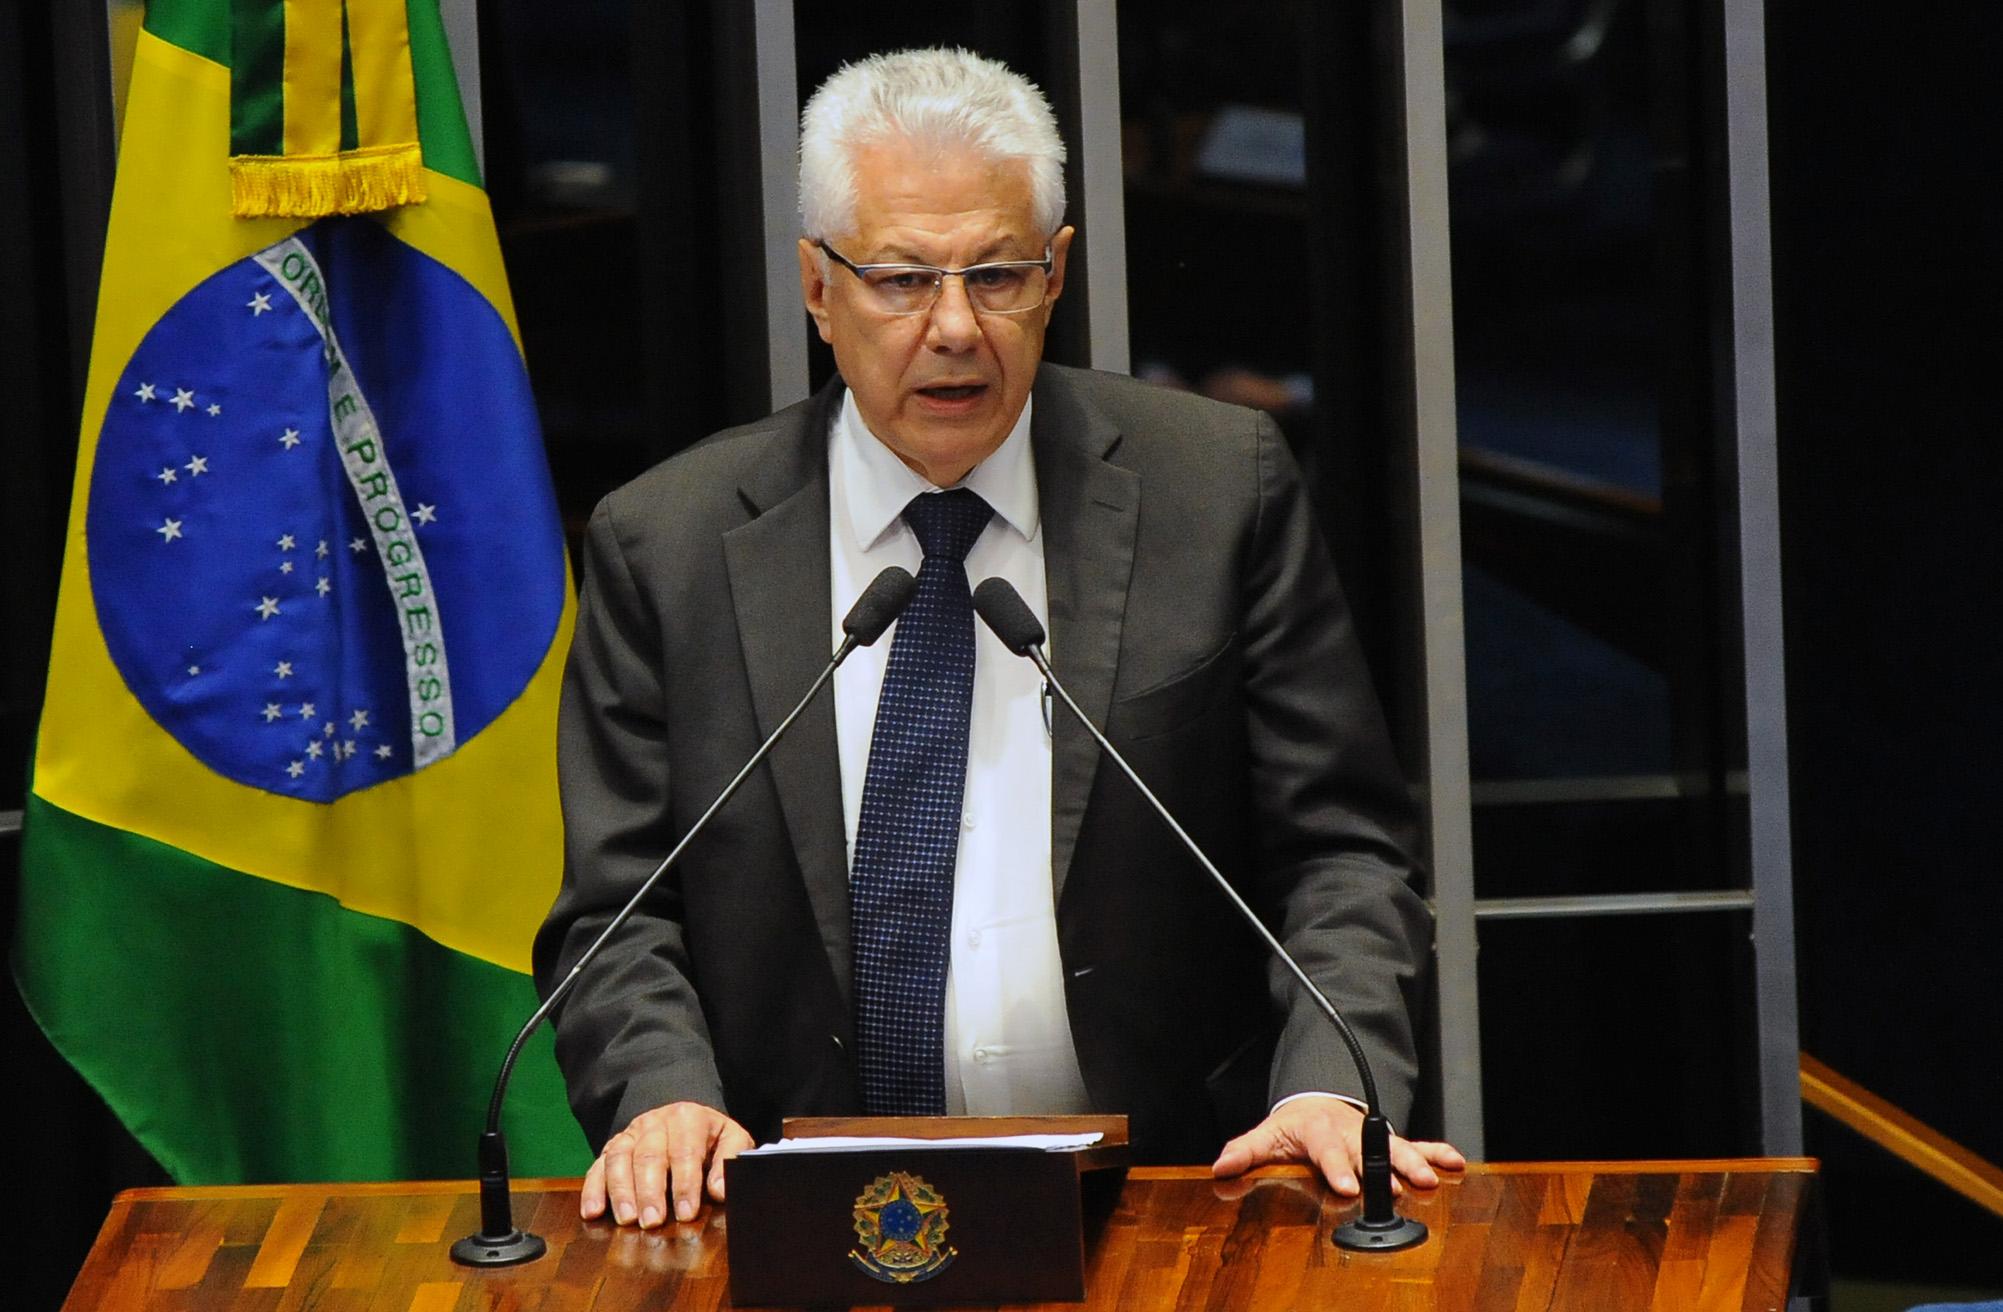 Homenagem póstuma ao ex-reitor da Universidade Federal de Santa Catarina, Luiz Carlos Cancellier de Olivo. Dep. Arlindo Chinaglia (PT - SP)